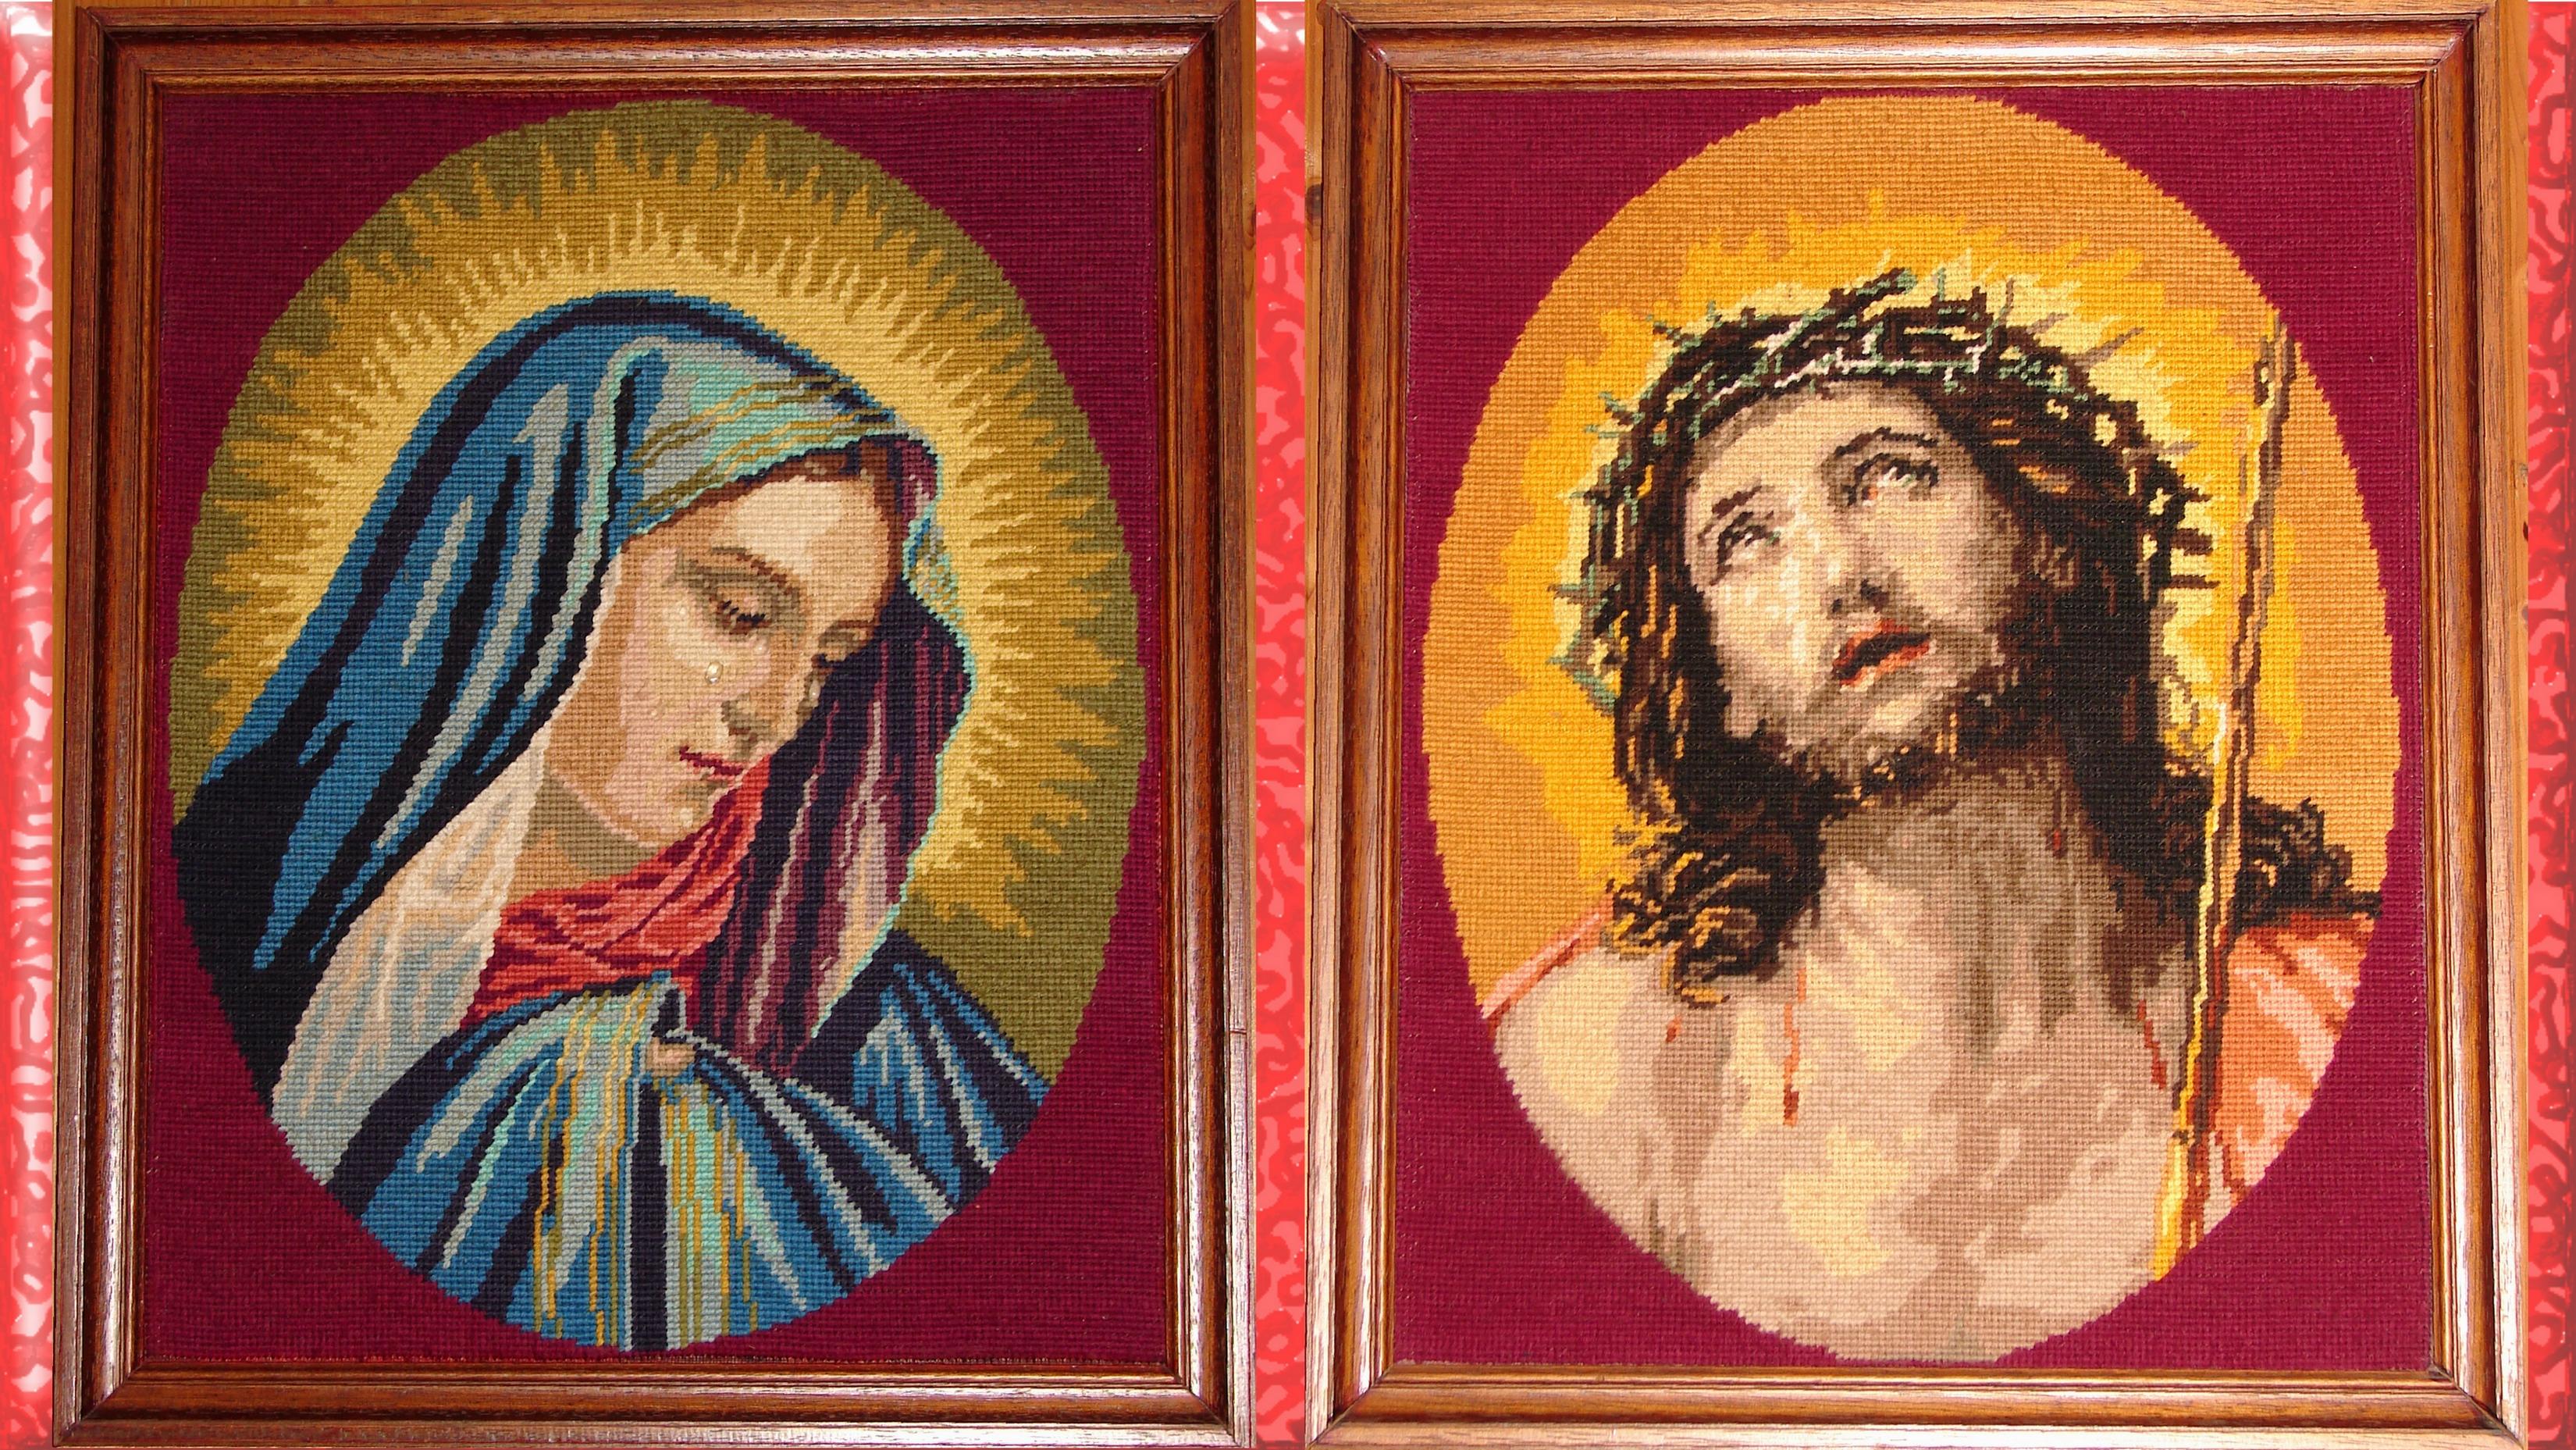 CALENDRIER CATHOLIQUE 2020 (Cantiques, Prières & Images) - Page 10 Ecce-homo-notre-d...canevas--560901b